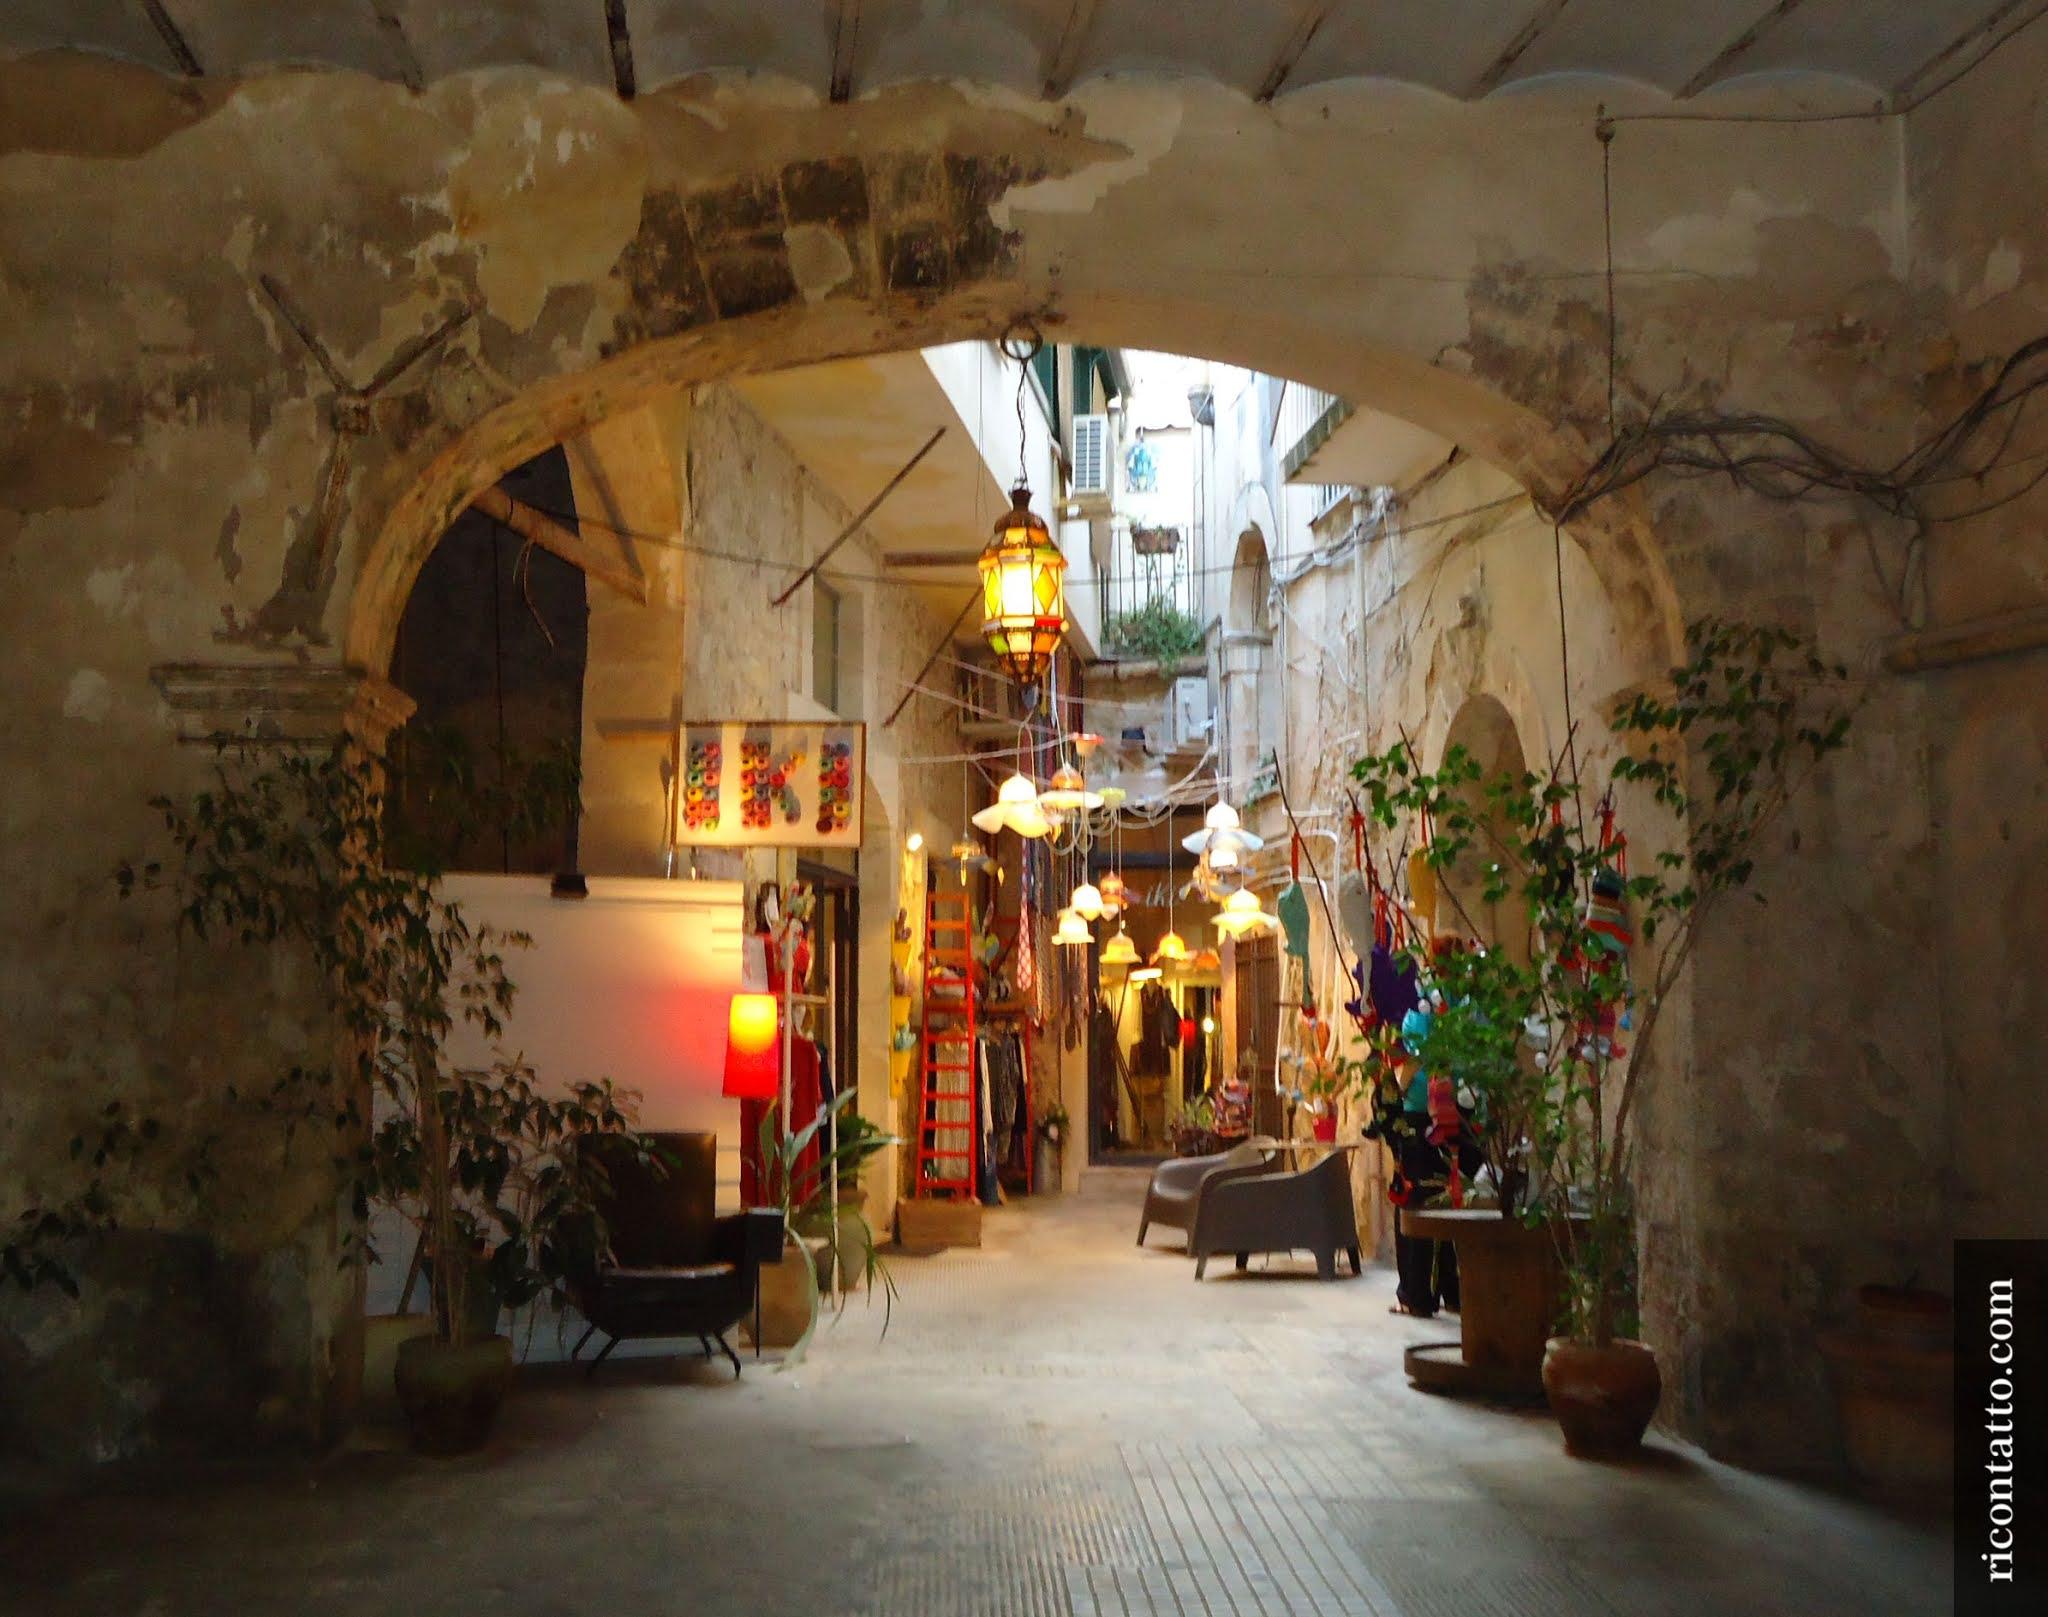 Siracusa, Sicilia, Italy - Photo #04 by Ricontatto.com